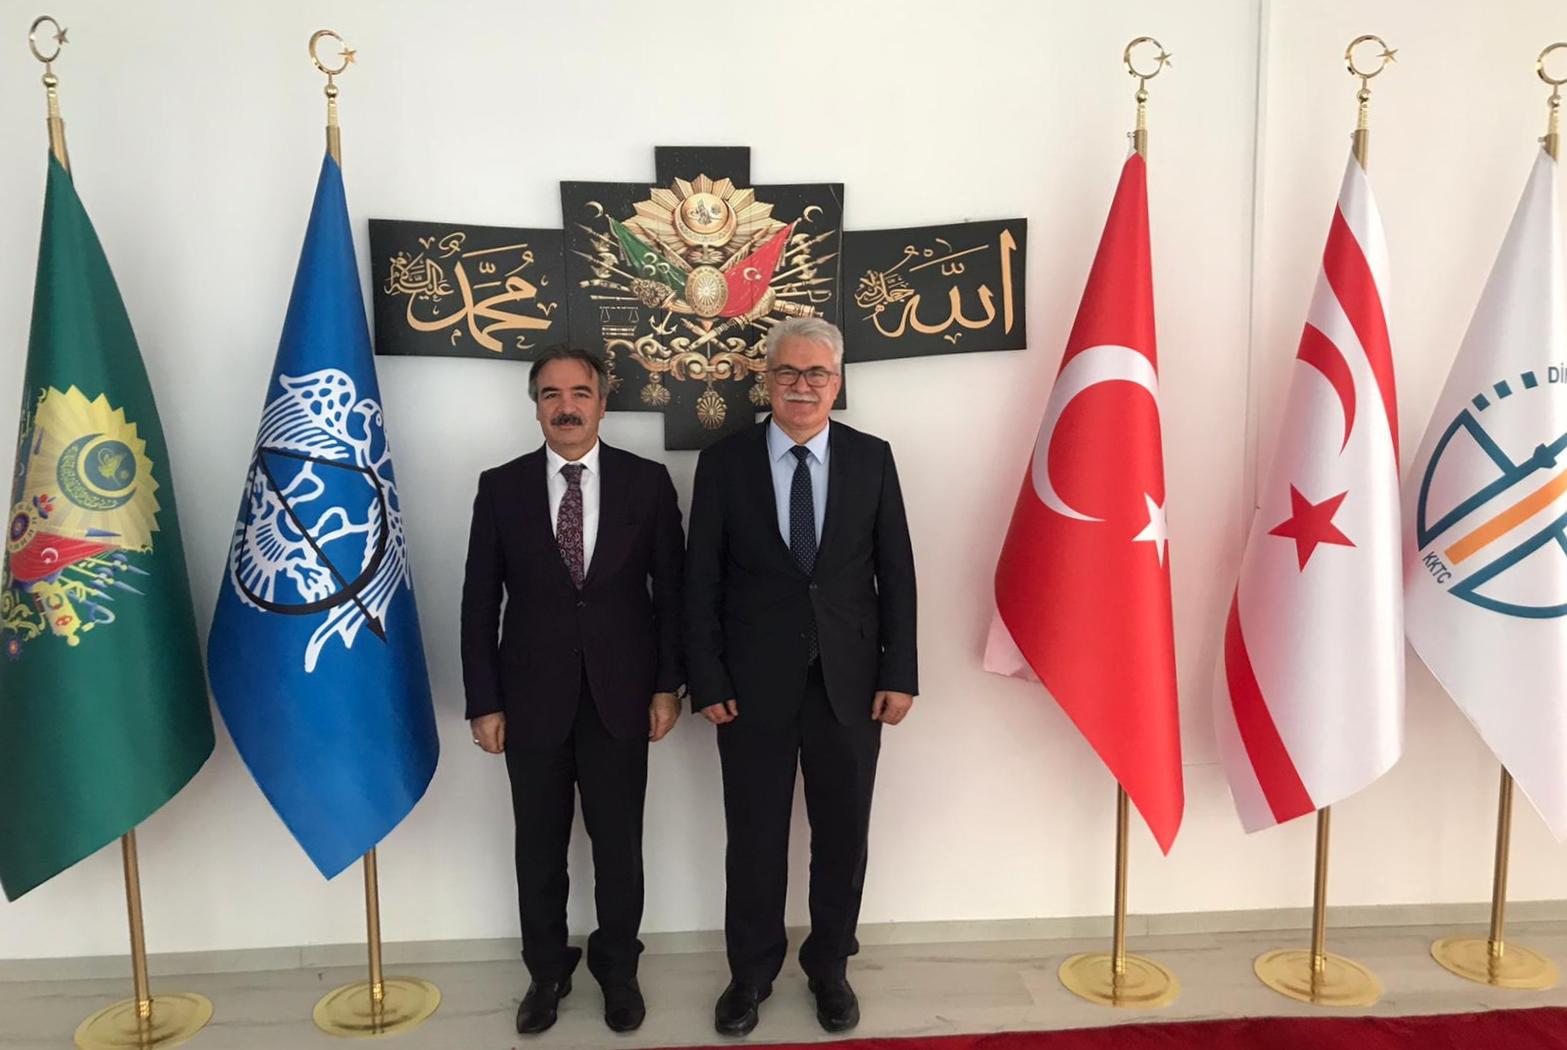 Bağlı'dan KKTC Din İşleri Başkanı Prof. Dr. Atalay'a ziyaret